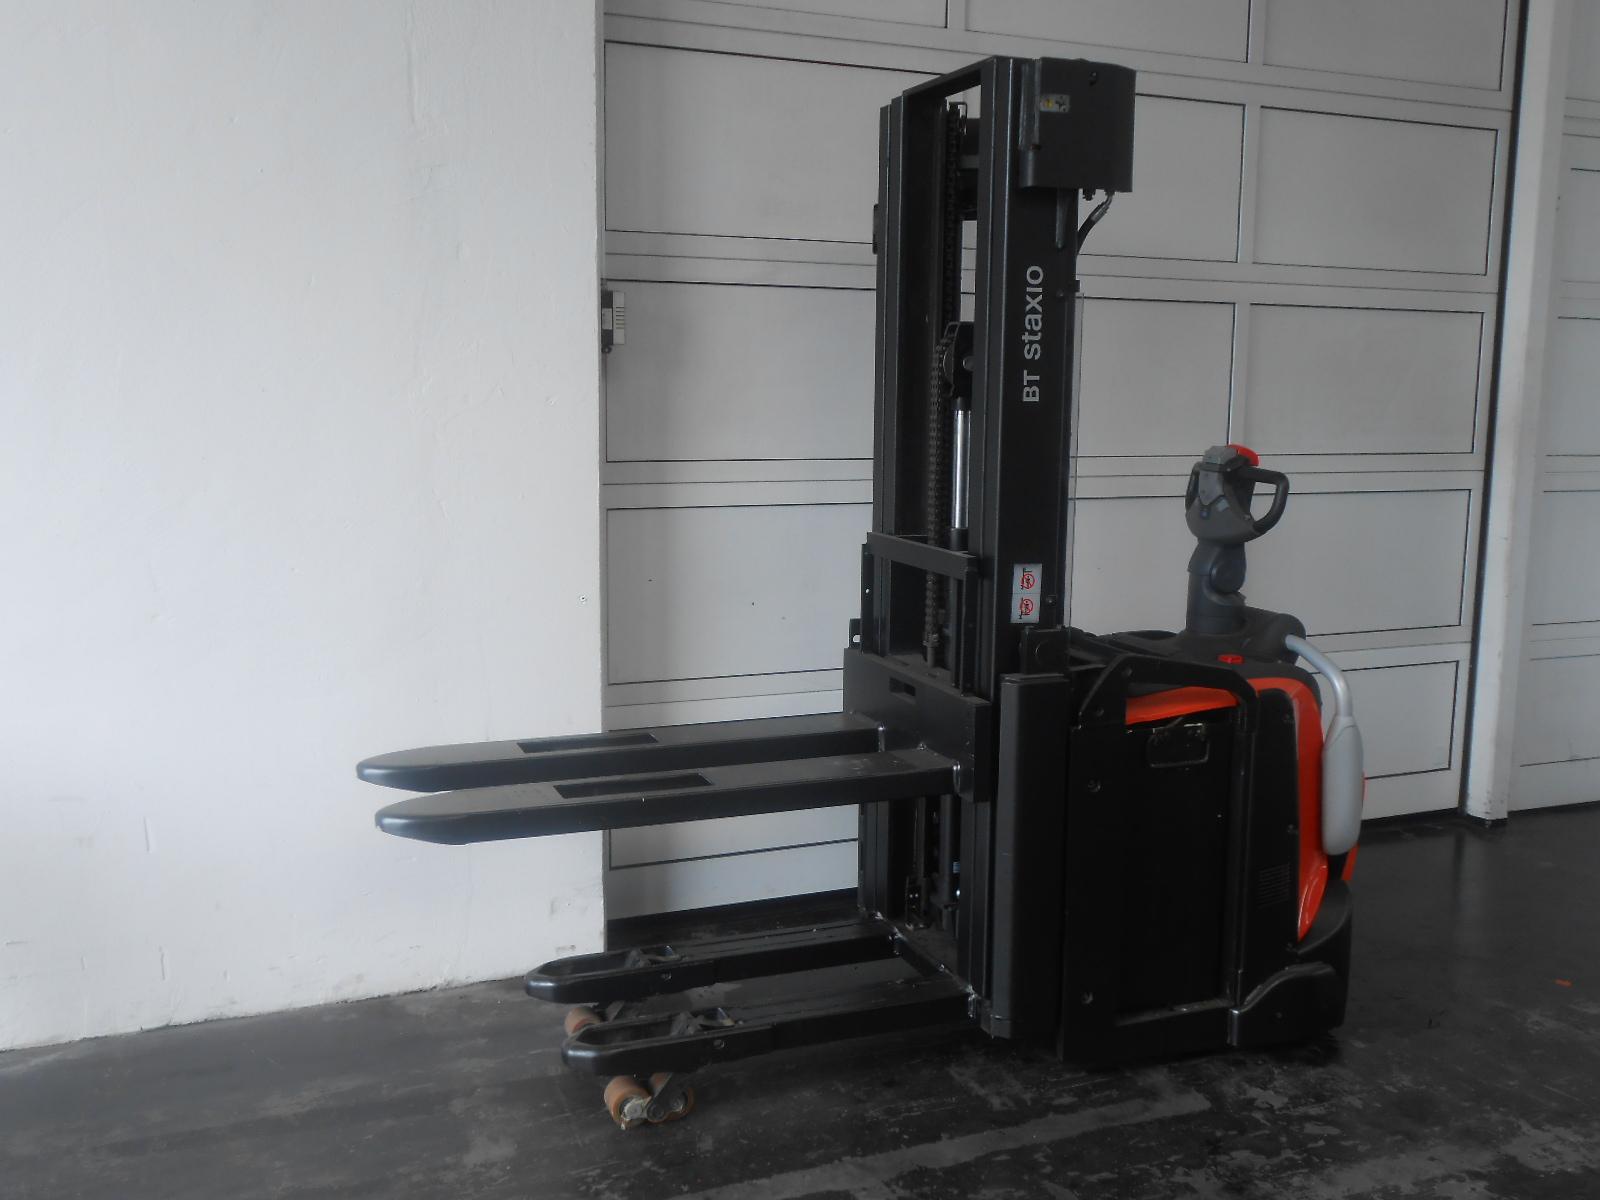 Toyota-Gabelstapler-59840 1712024738 1 80